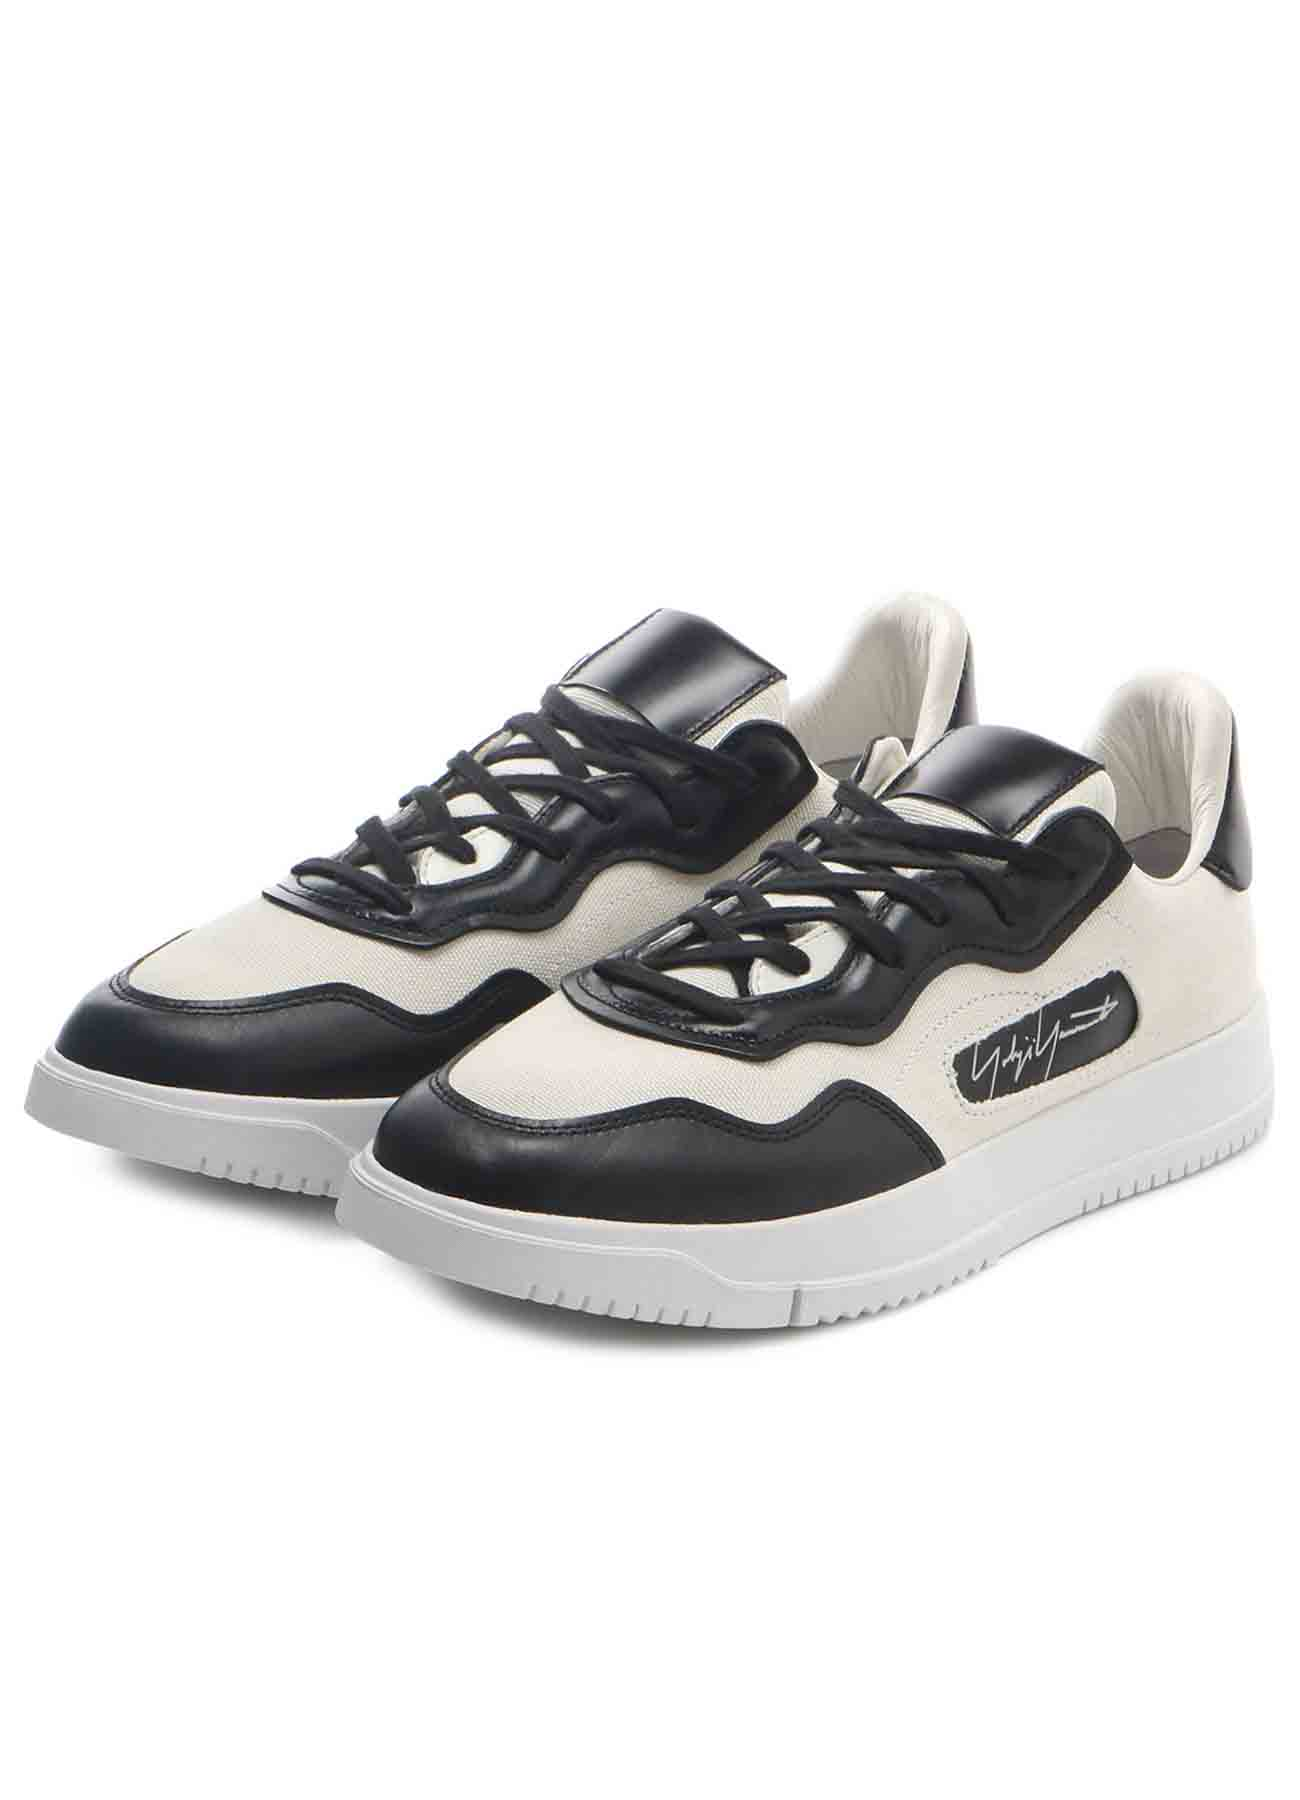 Yohji Yamamoto × adidas SC PREMIERE White